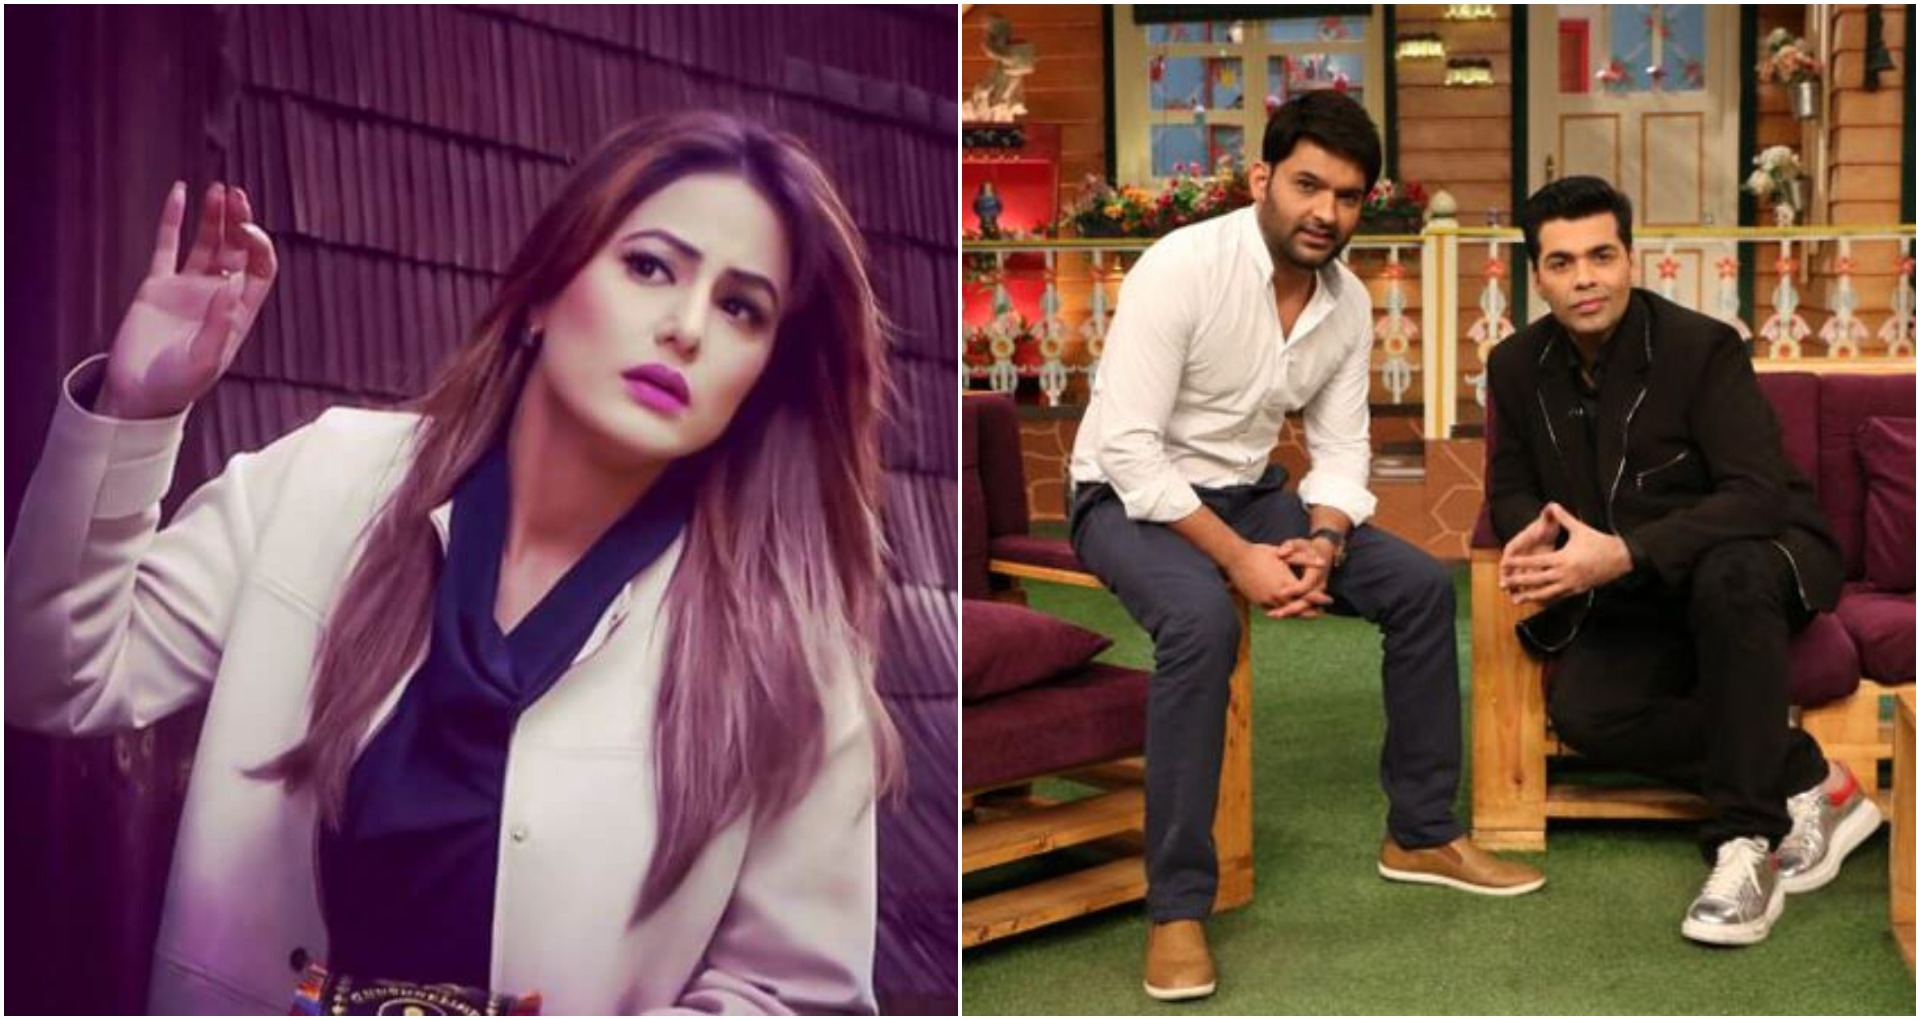 ट्रेंडिंग न्यूज़: हिना खान इस ख़ास वजह के लिए जाएंगीकान फेस्टिवल, करण जौहर ने उड़ाया कपिल शर्मा का मजाक